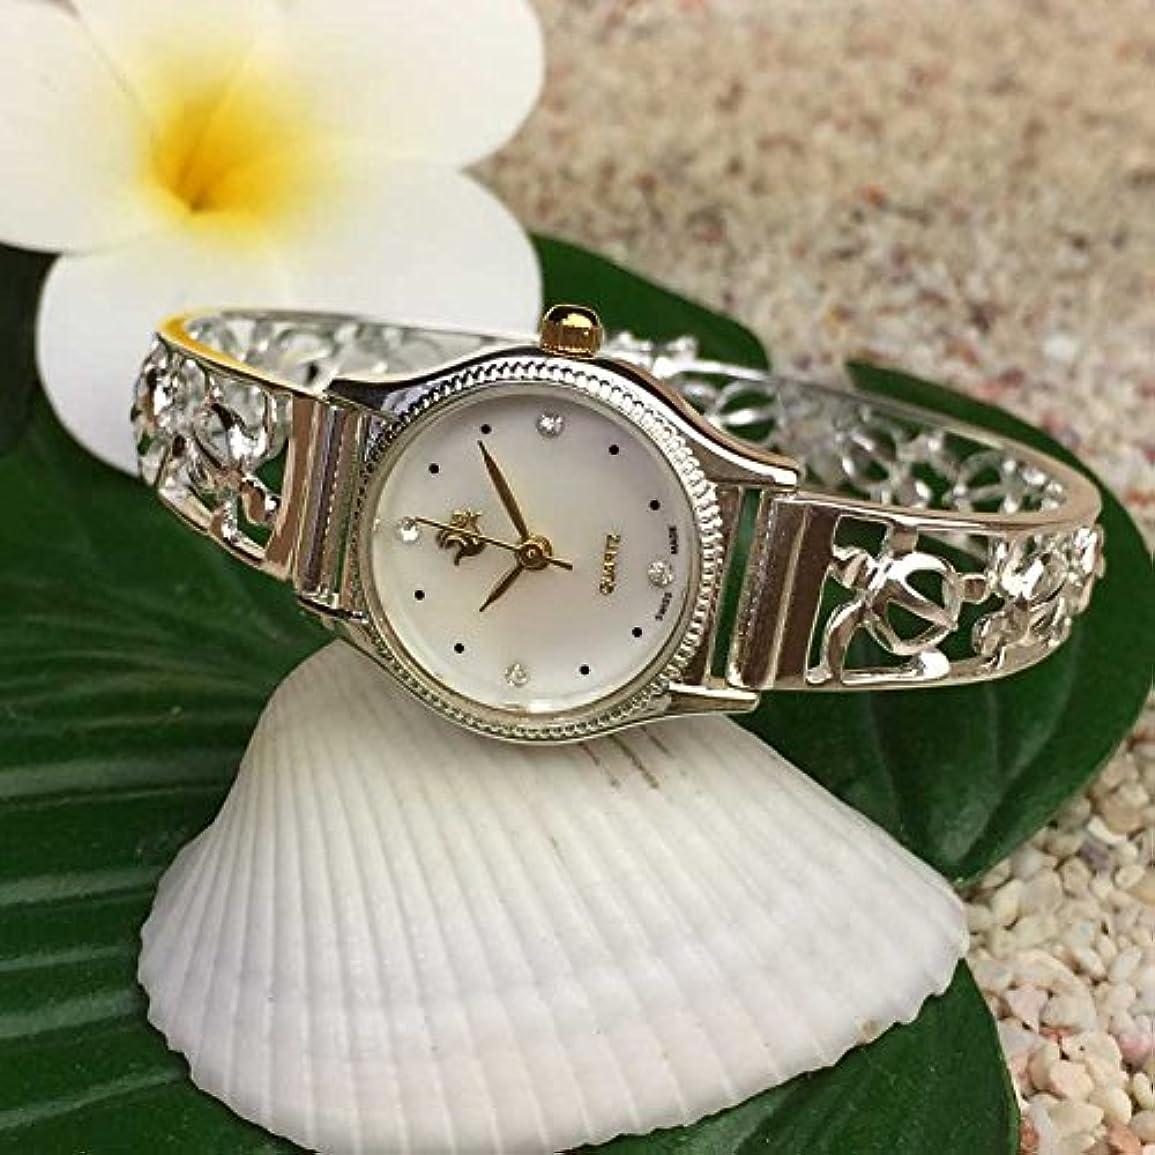 連結するラフト控えるハワイアンジュエリー シルバーブレスウォッチ 透かしホヌ 15cm アクセサリー Hawaiianjewely ハワジュウォッチ 腕時計